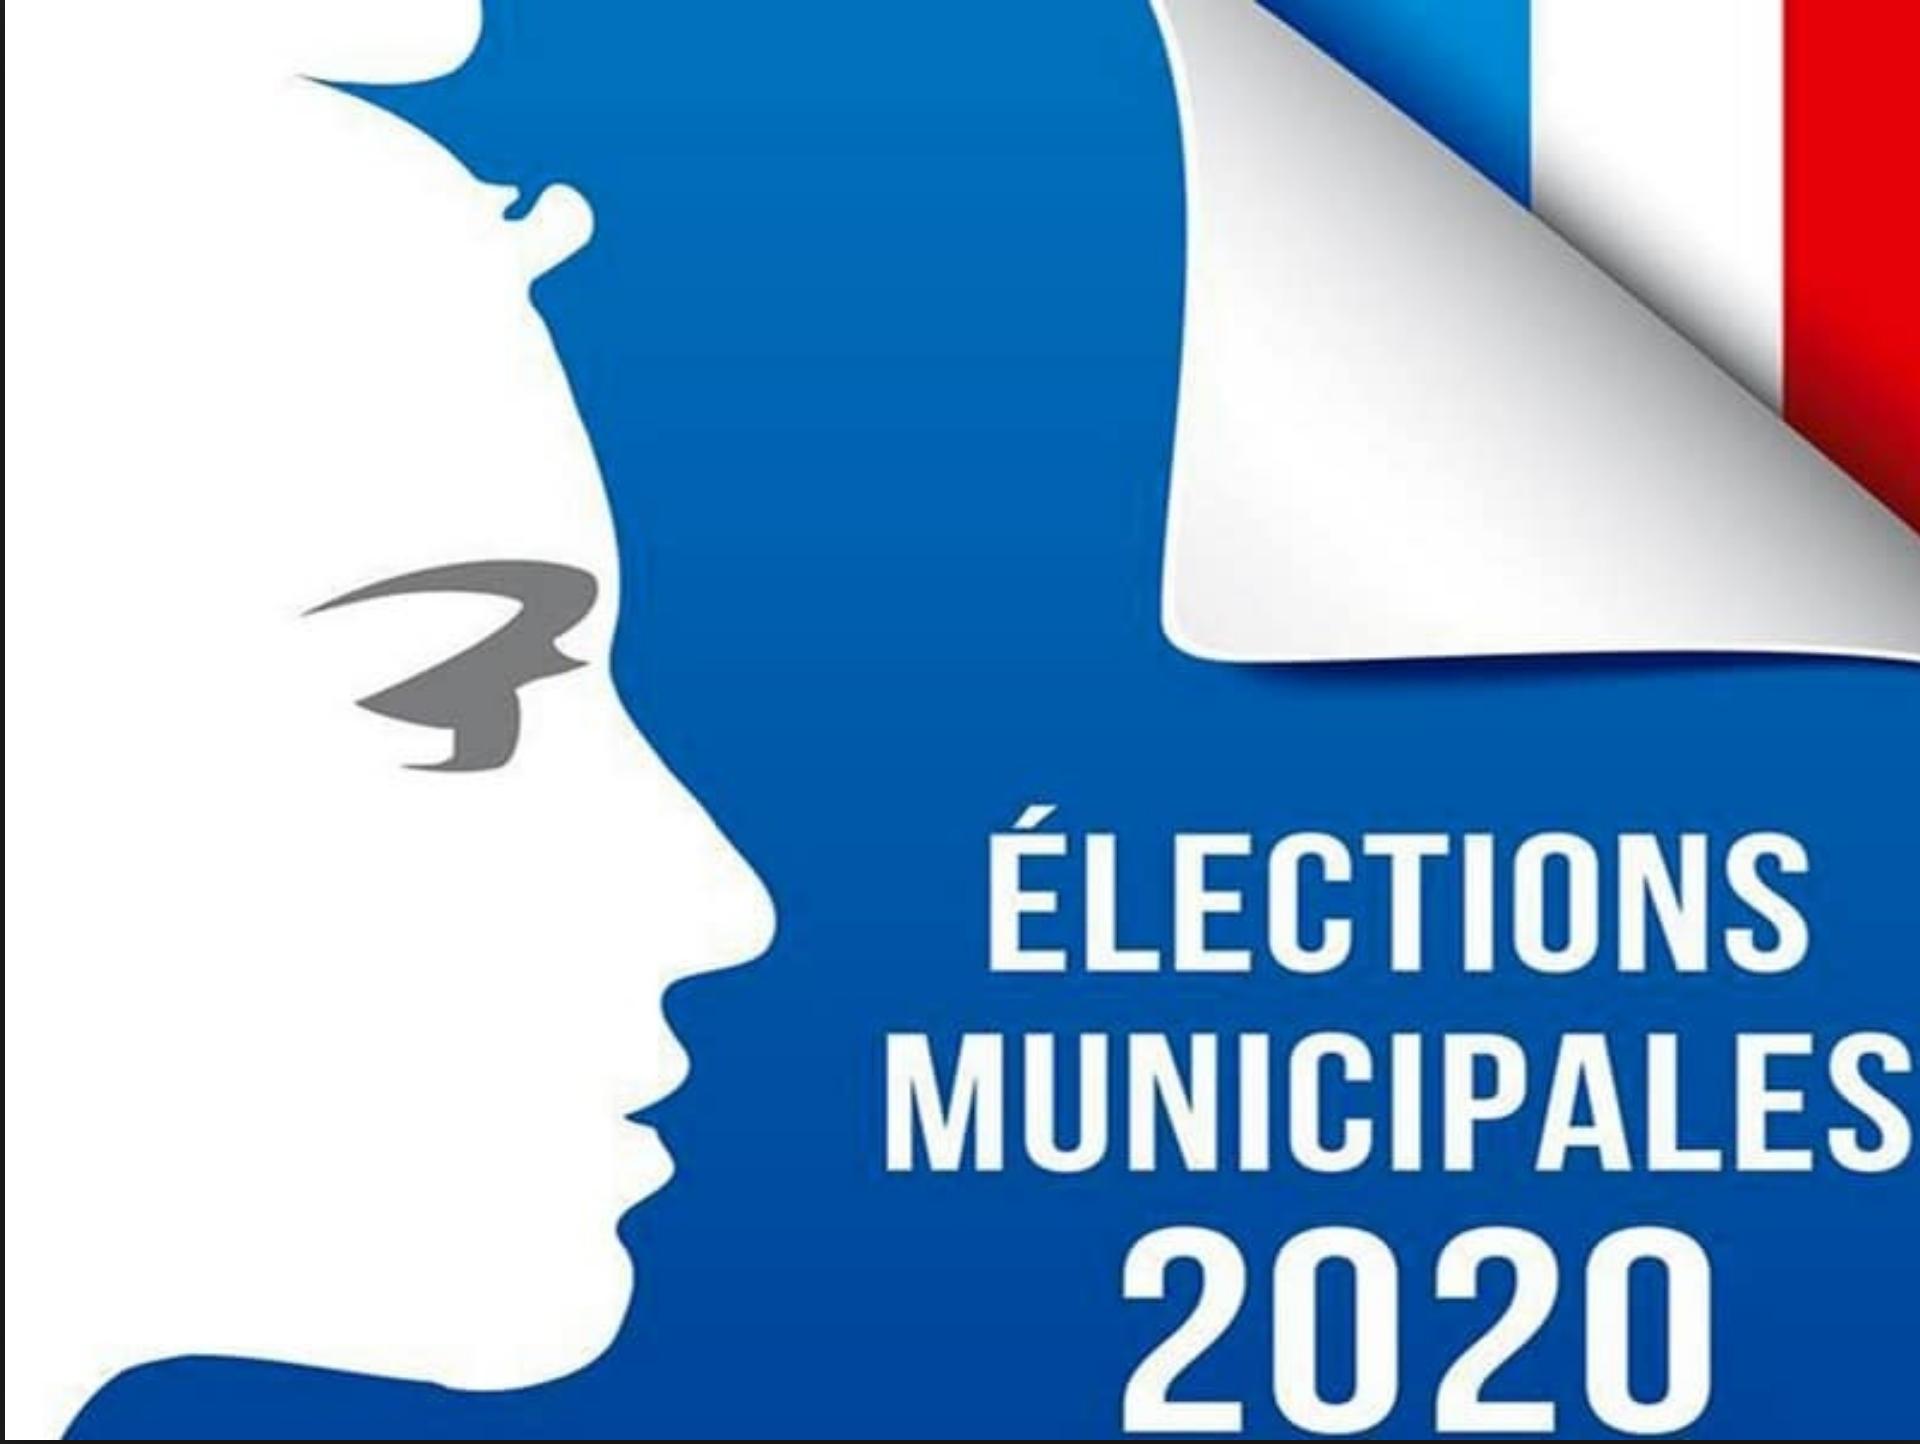 Dossier municipale 2020